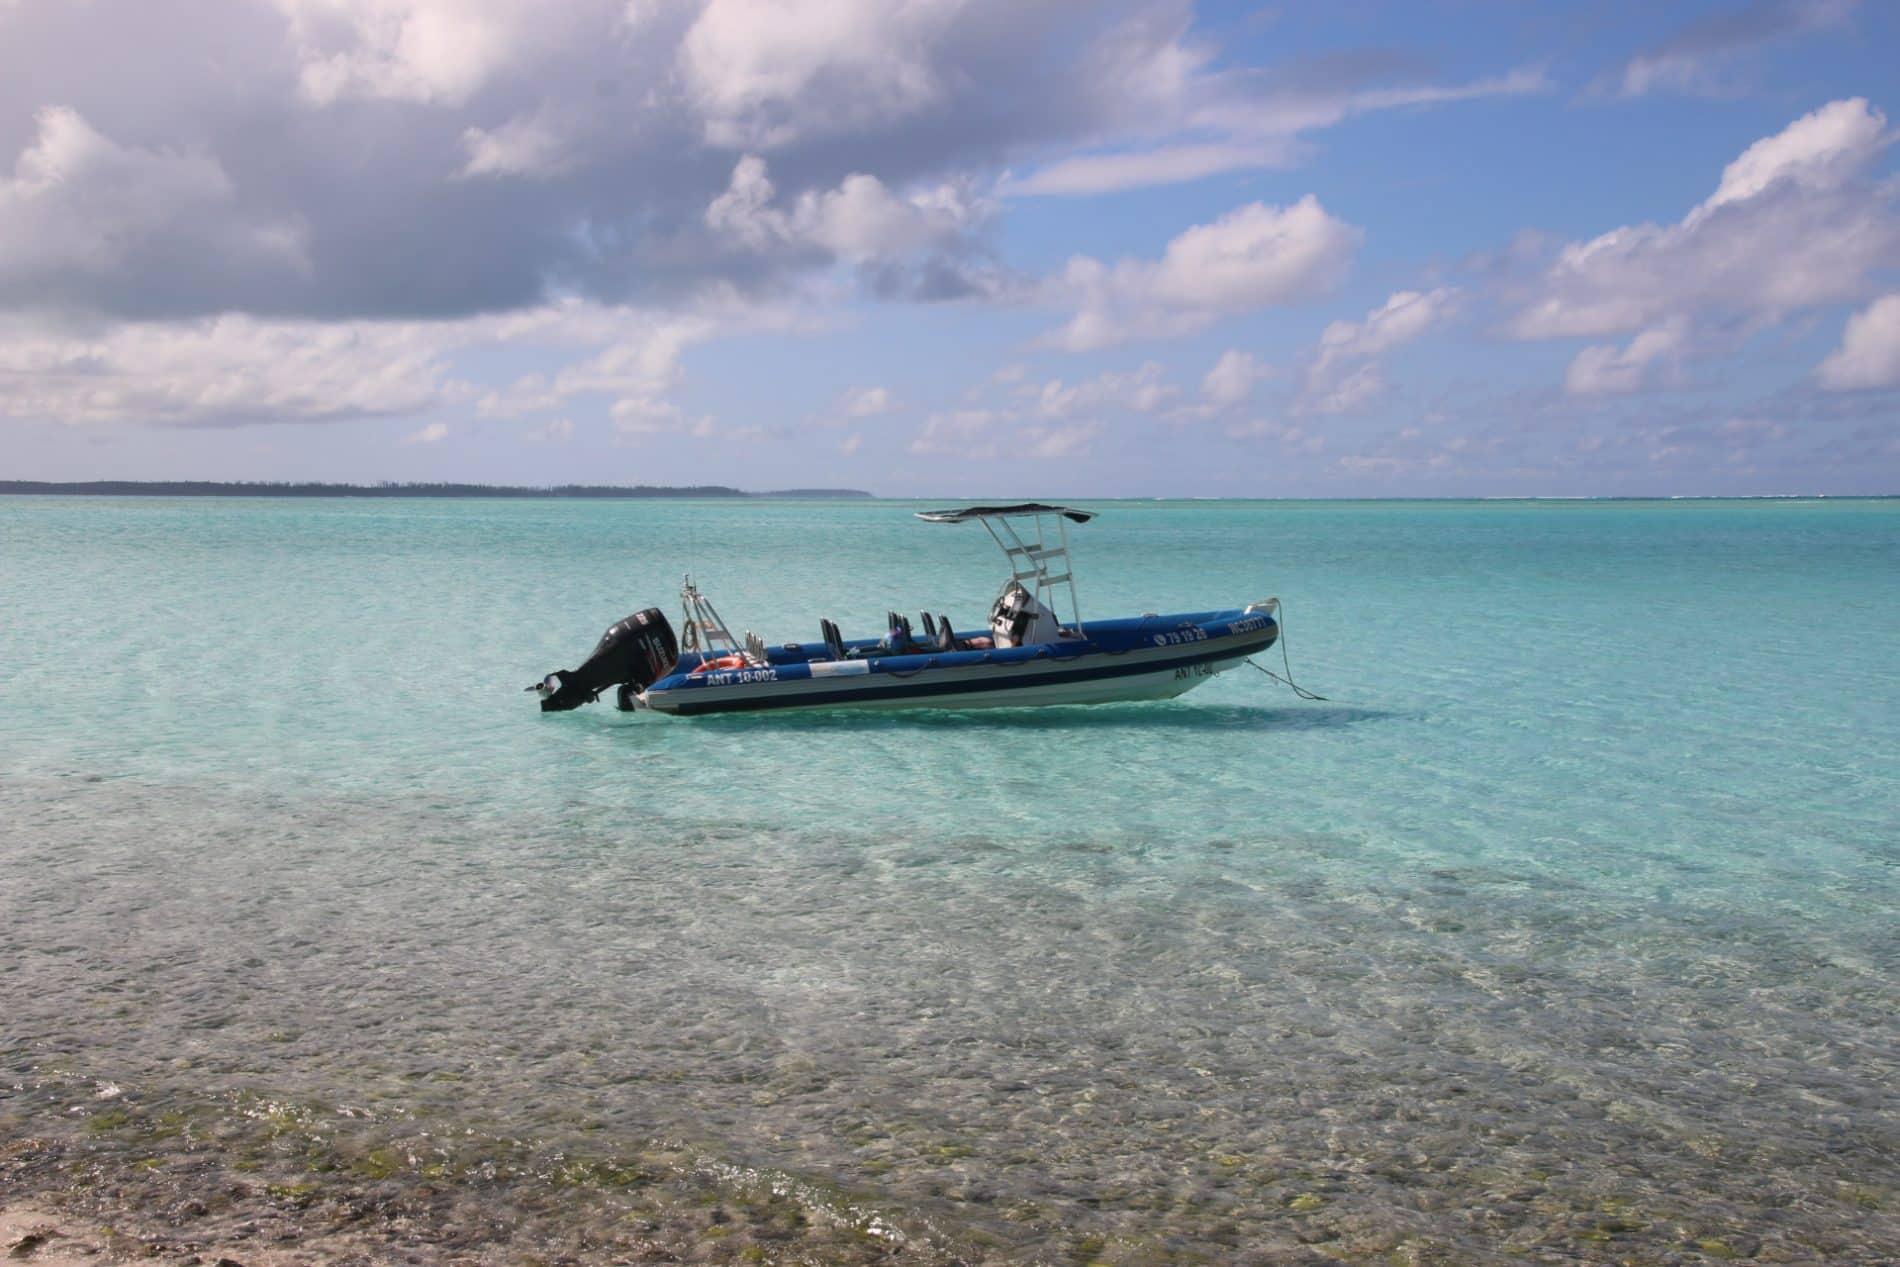 Nouvelle Calédonie_Mademoiselle voyage_île des pins__atoll de Nokanhui_34